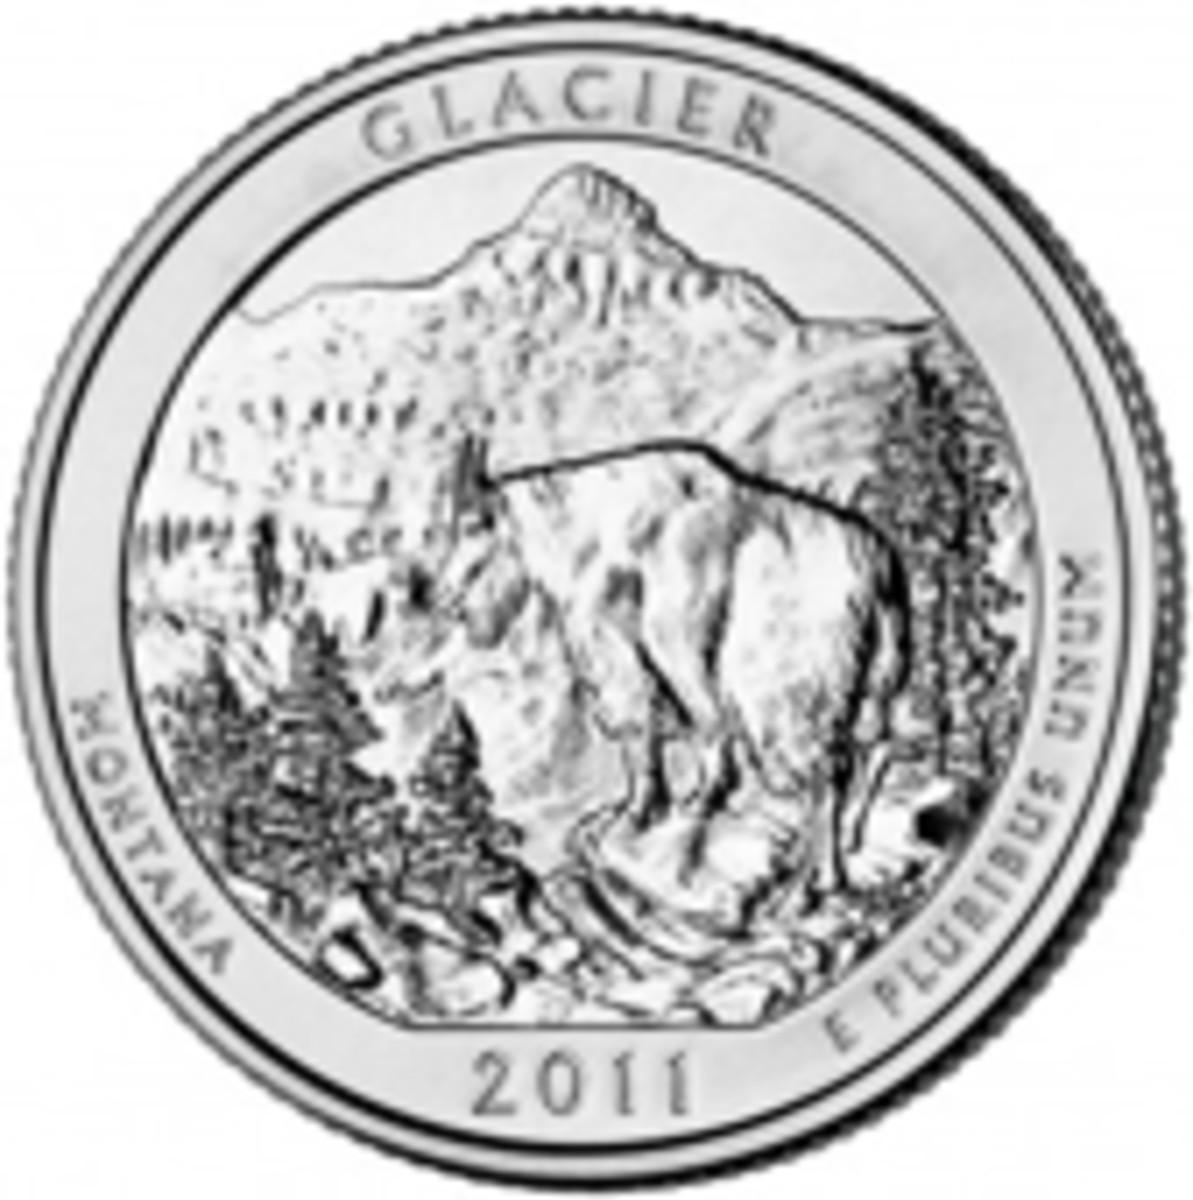 glacier170